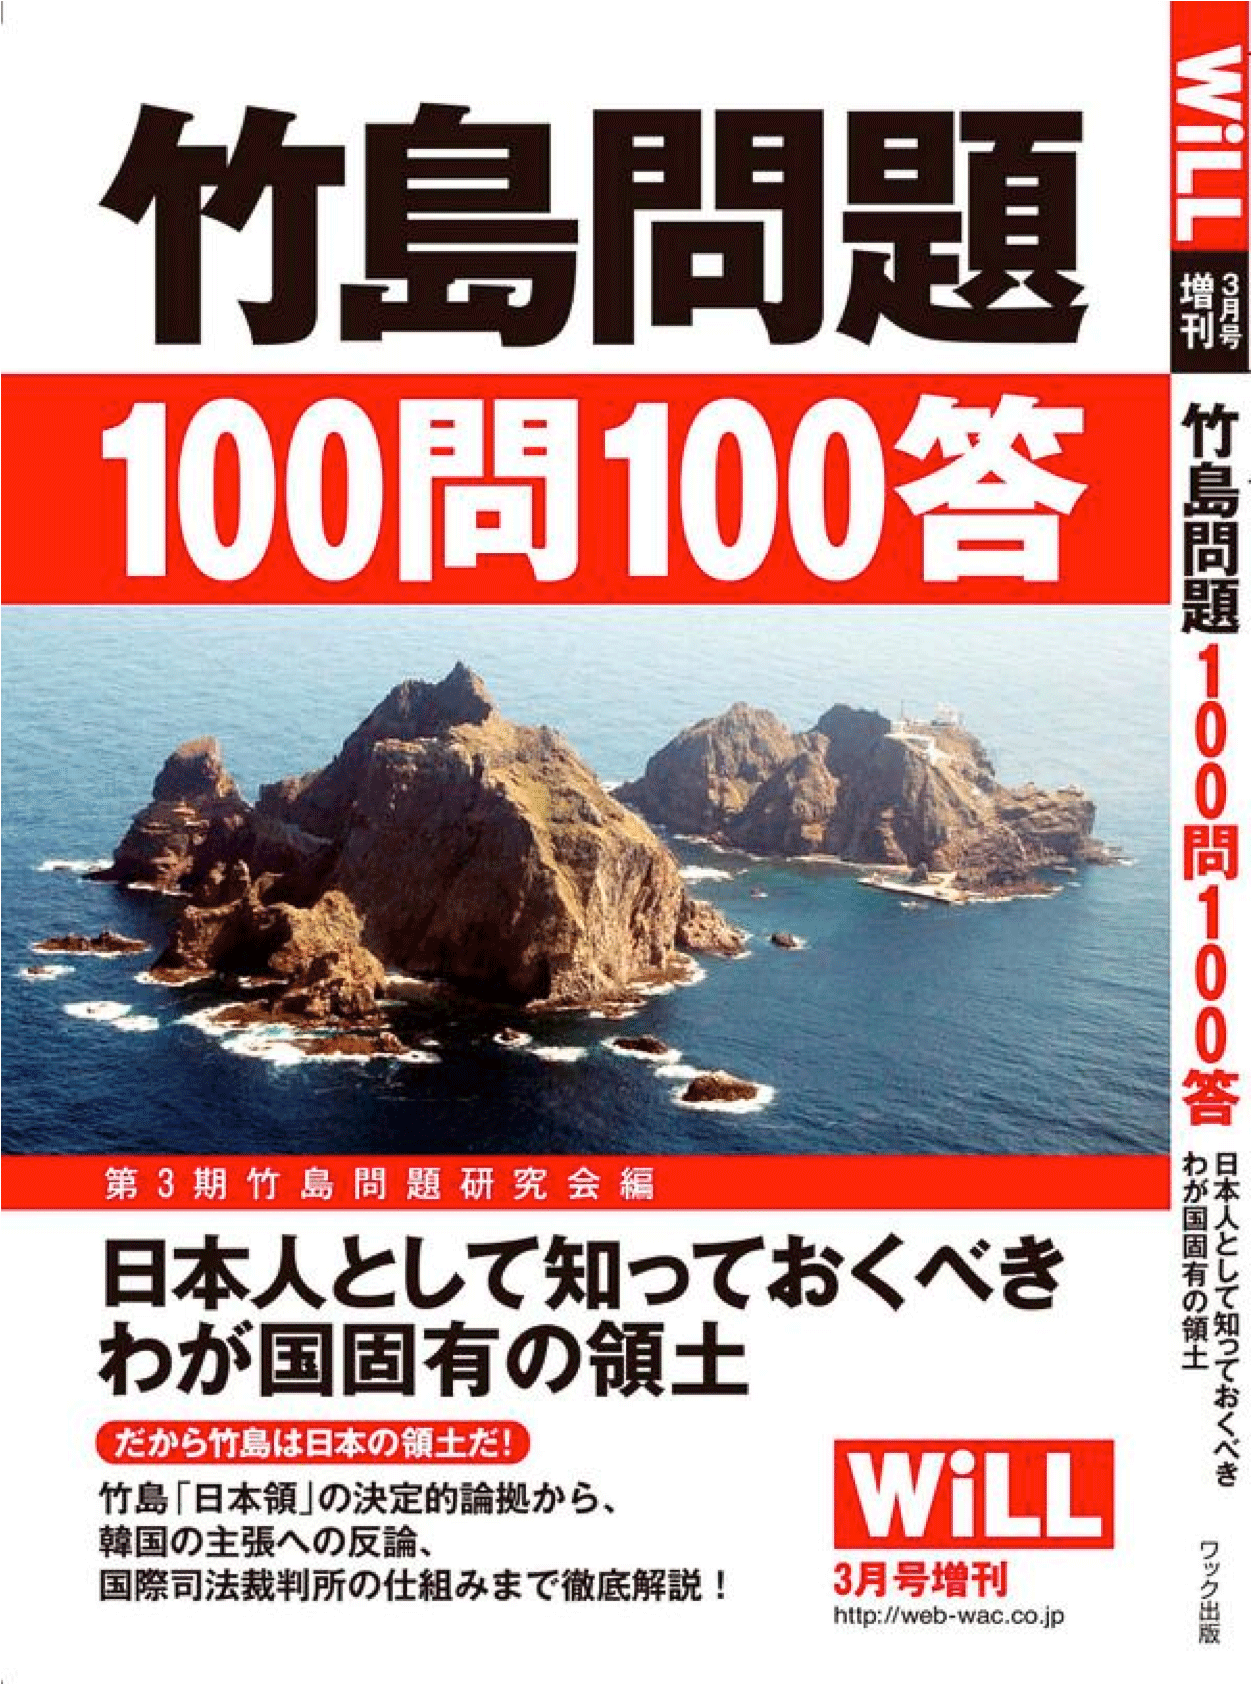 竹島100問100答